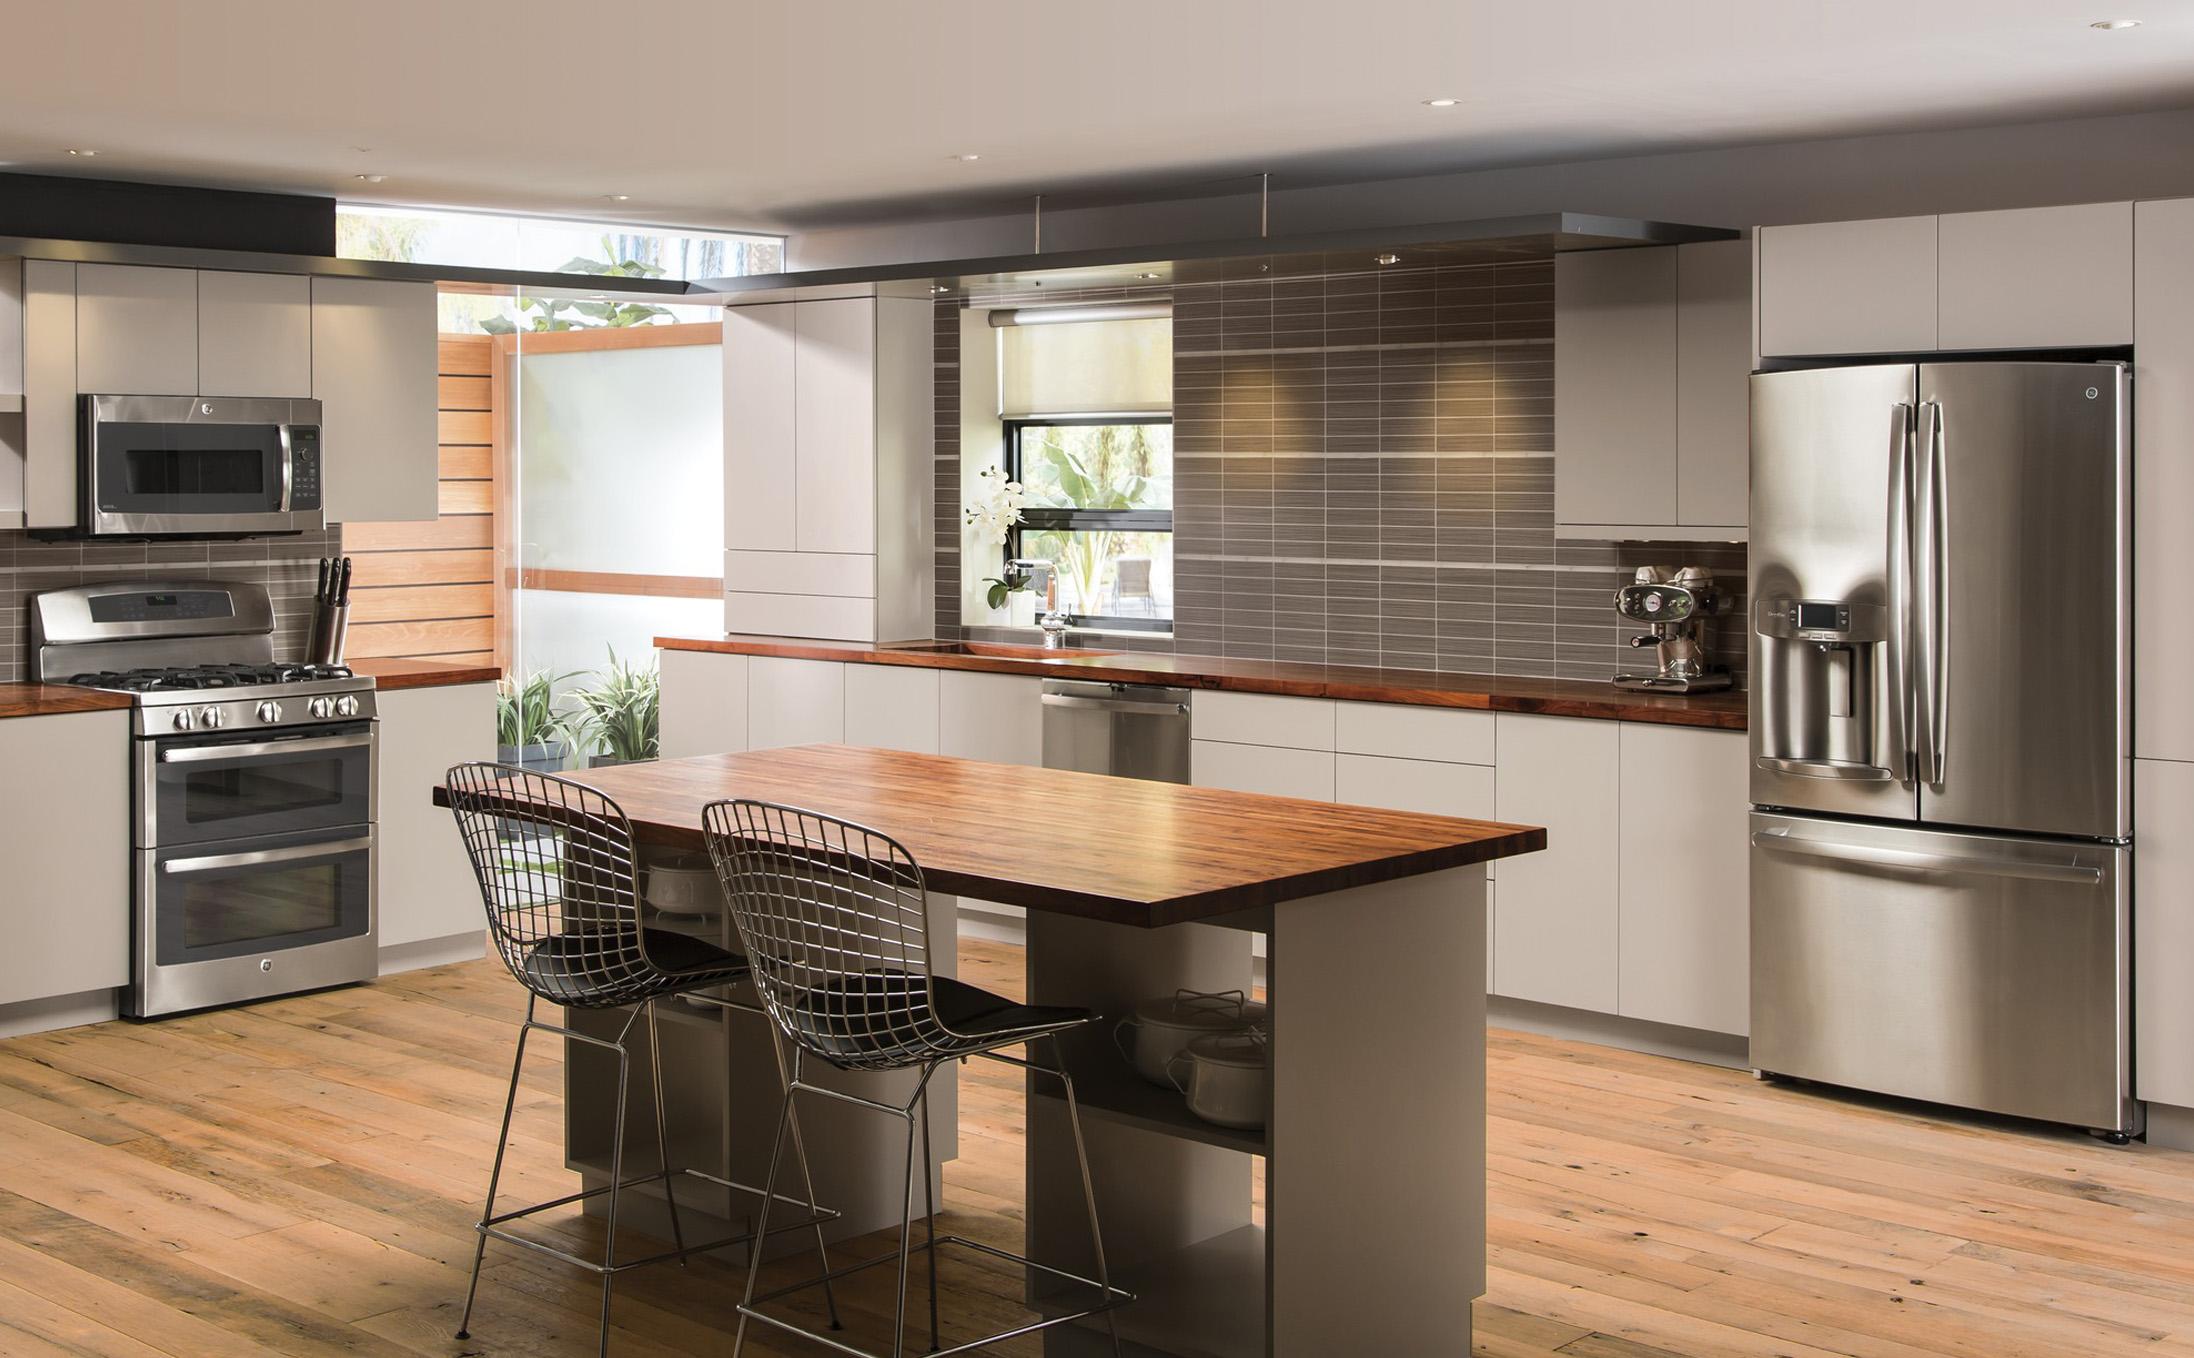 Кухня без ручек с деревянной столешницей